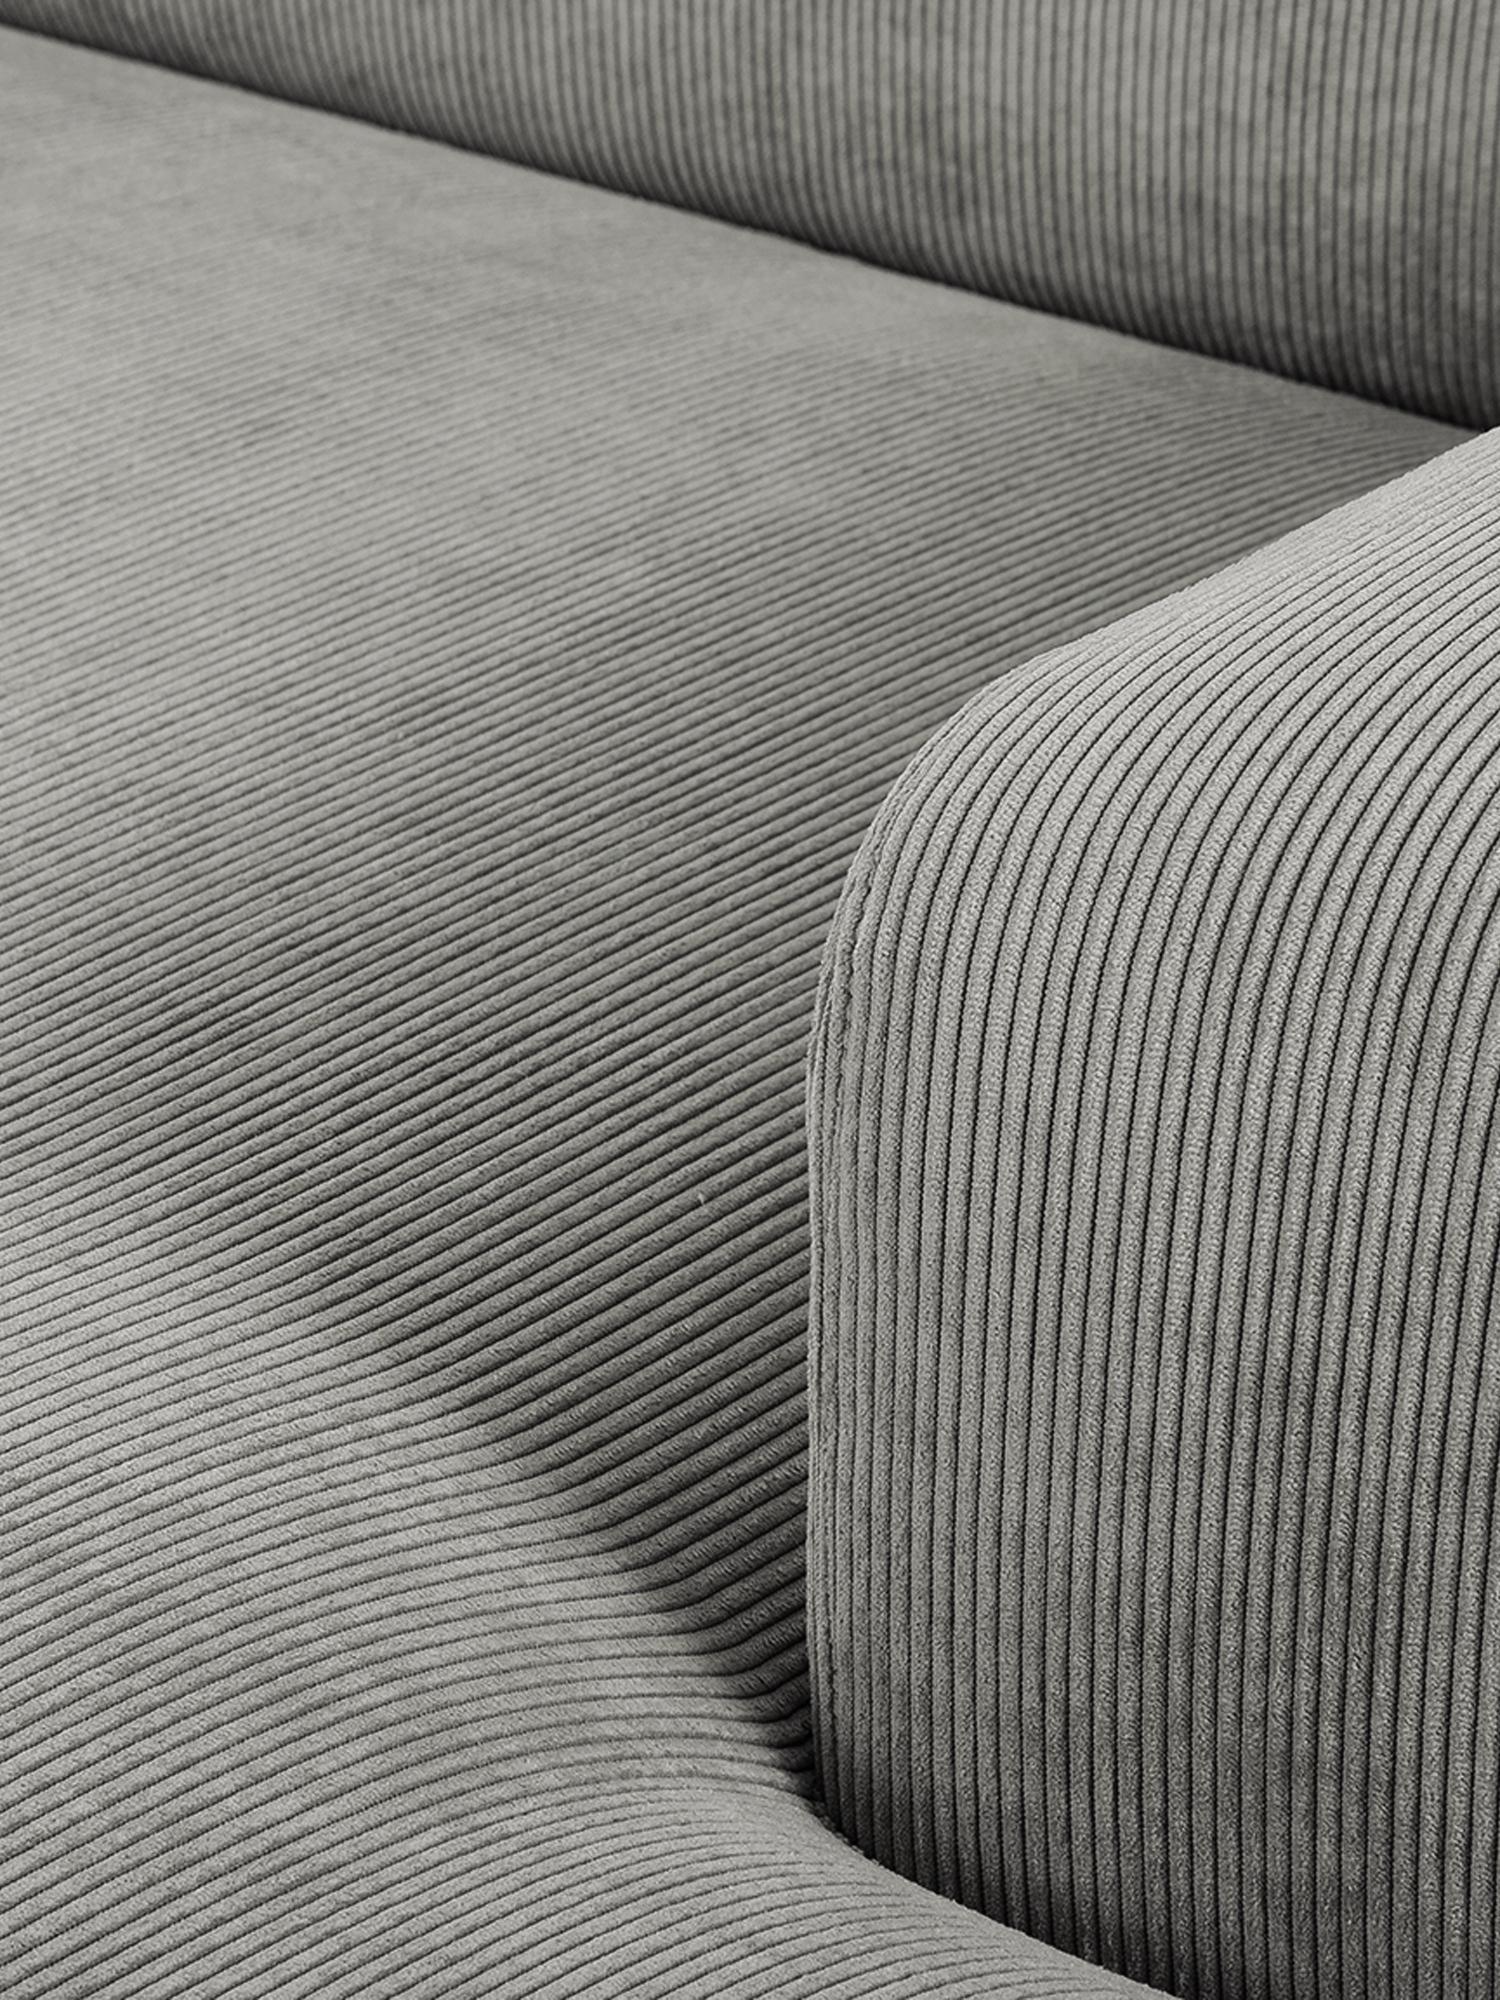 Sofa narożna ze sztruksu Melva (3-osobowa), Tapicerka: sztruks (92% poliester, 8, Stelaż: lite drewno sosnowe, płyt, Nogi: drewno sosnowe, Szary, S 240 x G 144 cm